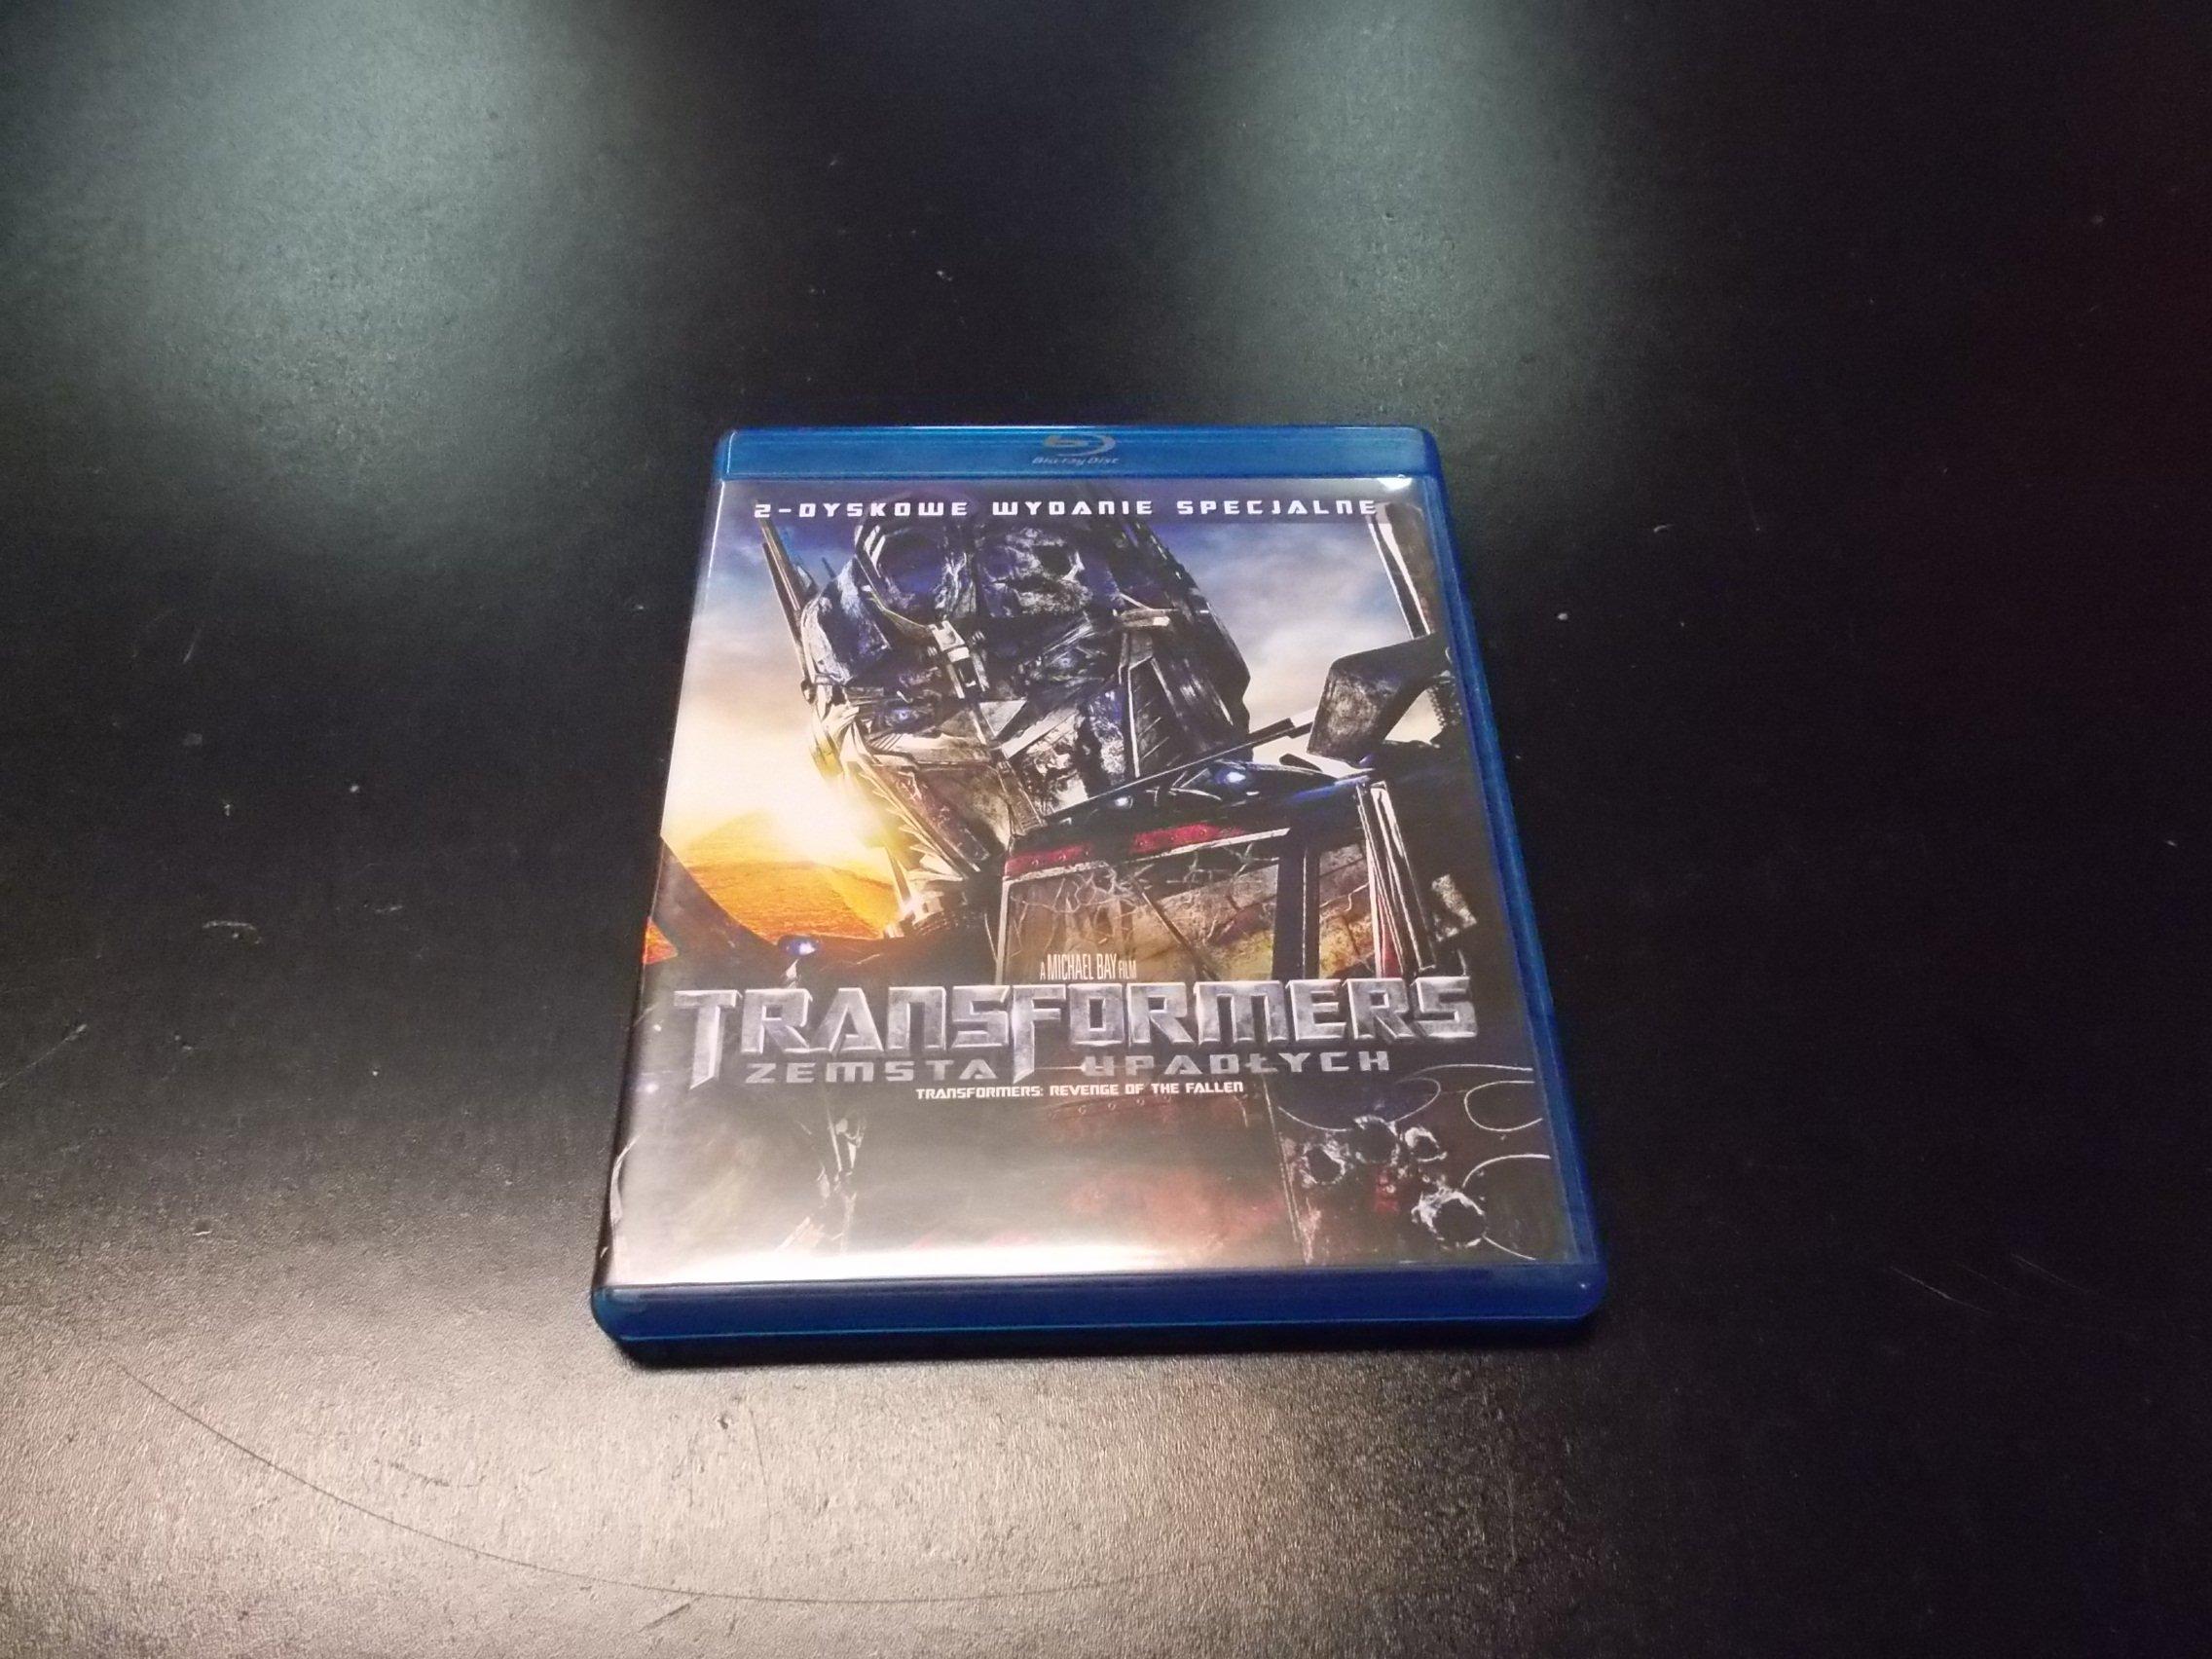 Transformers 2: ZEMSTA UPADŁYCH PL - Blu-ray - Sklep